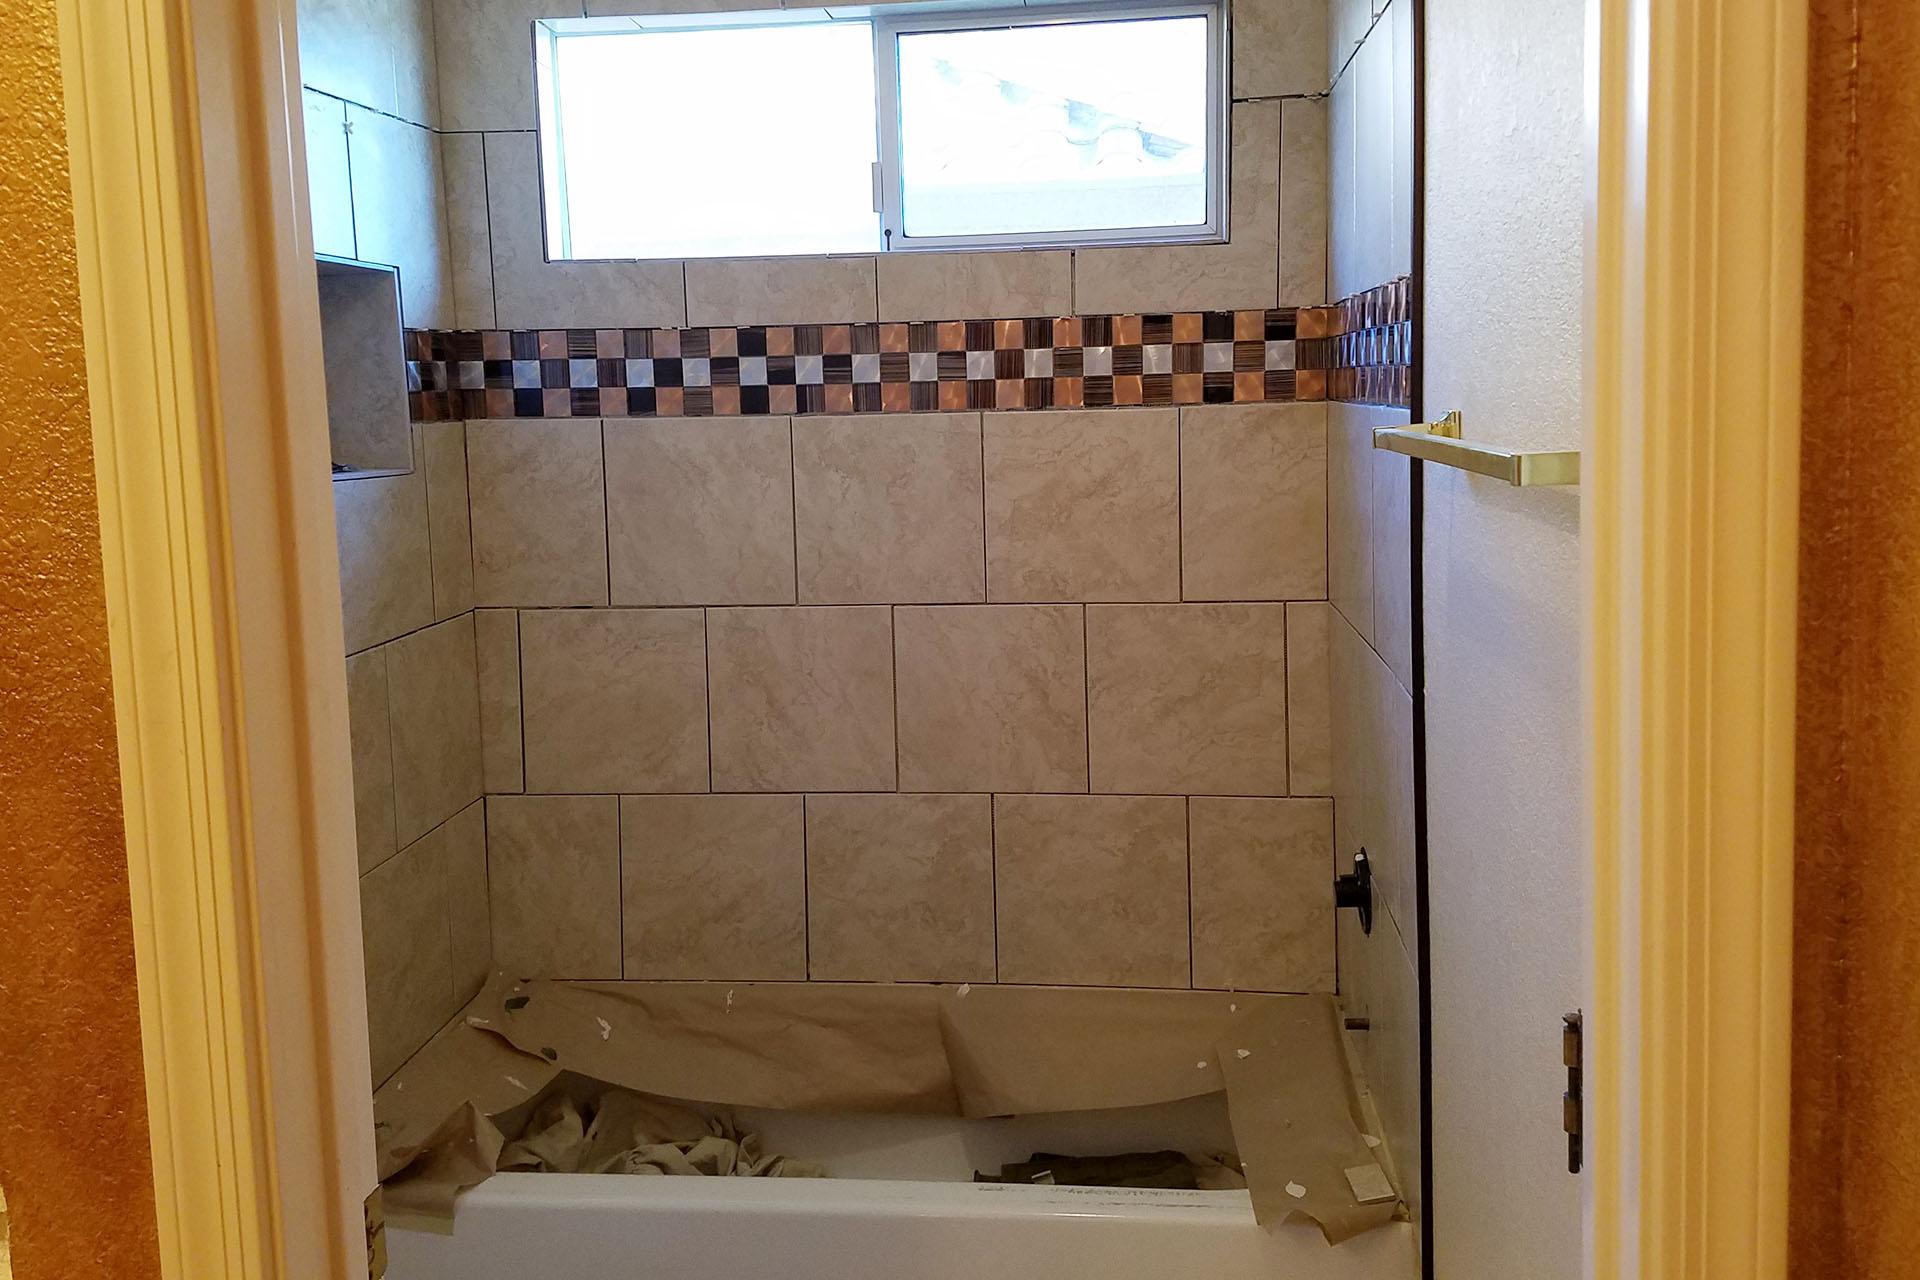 View Tub Surround Tile Installation